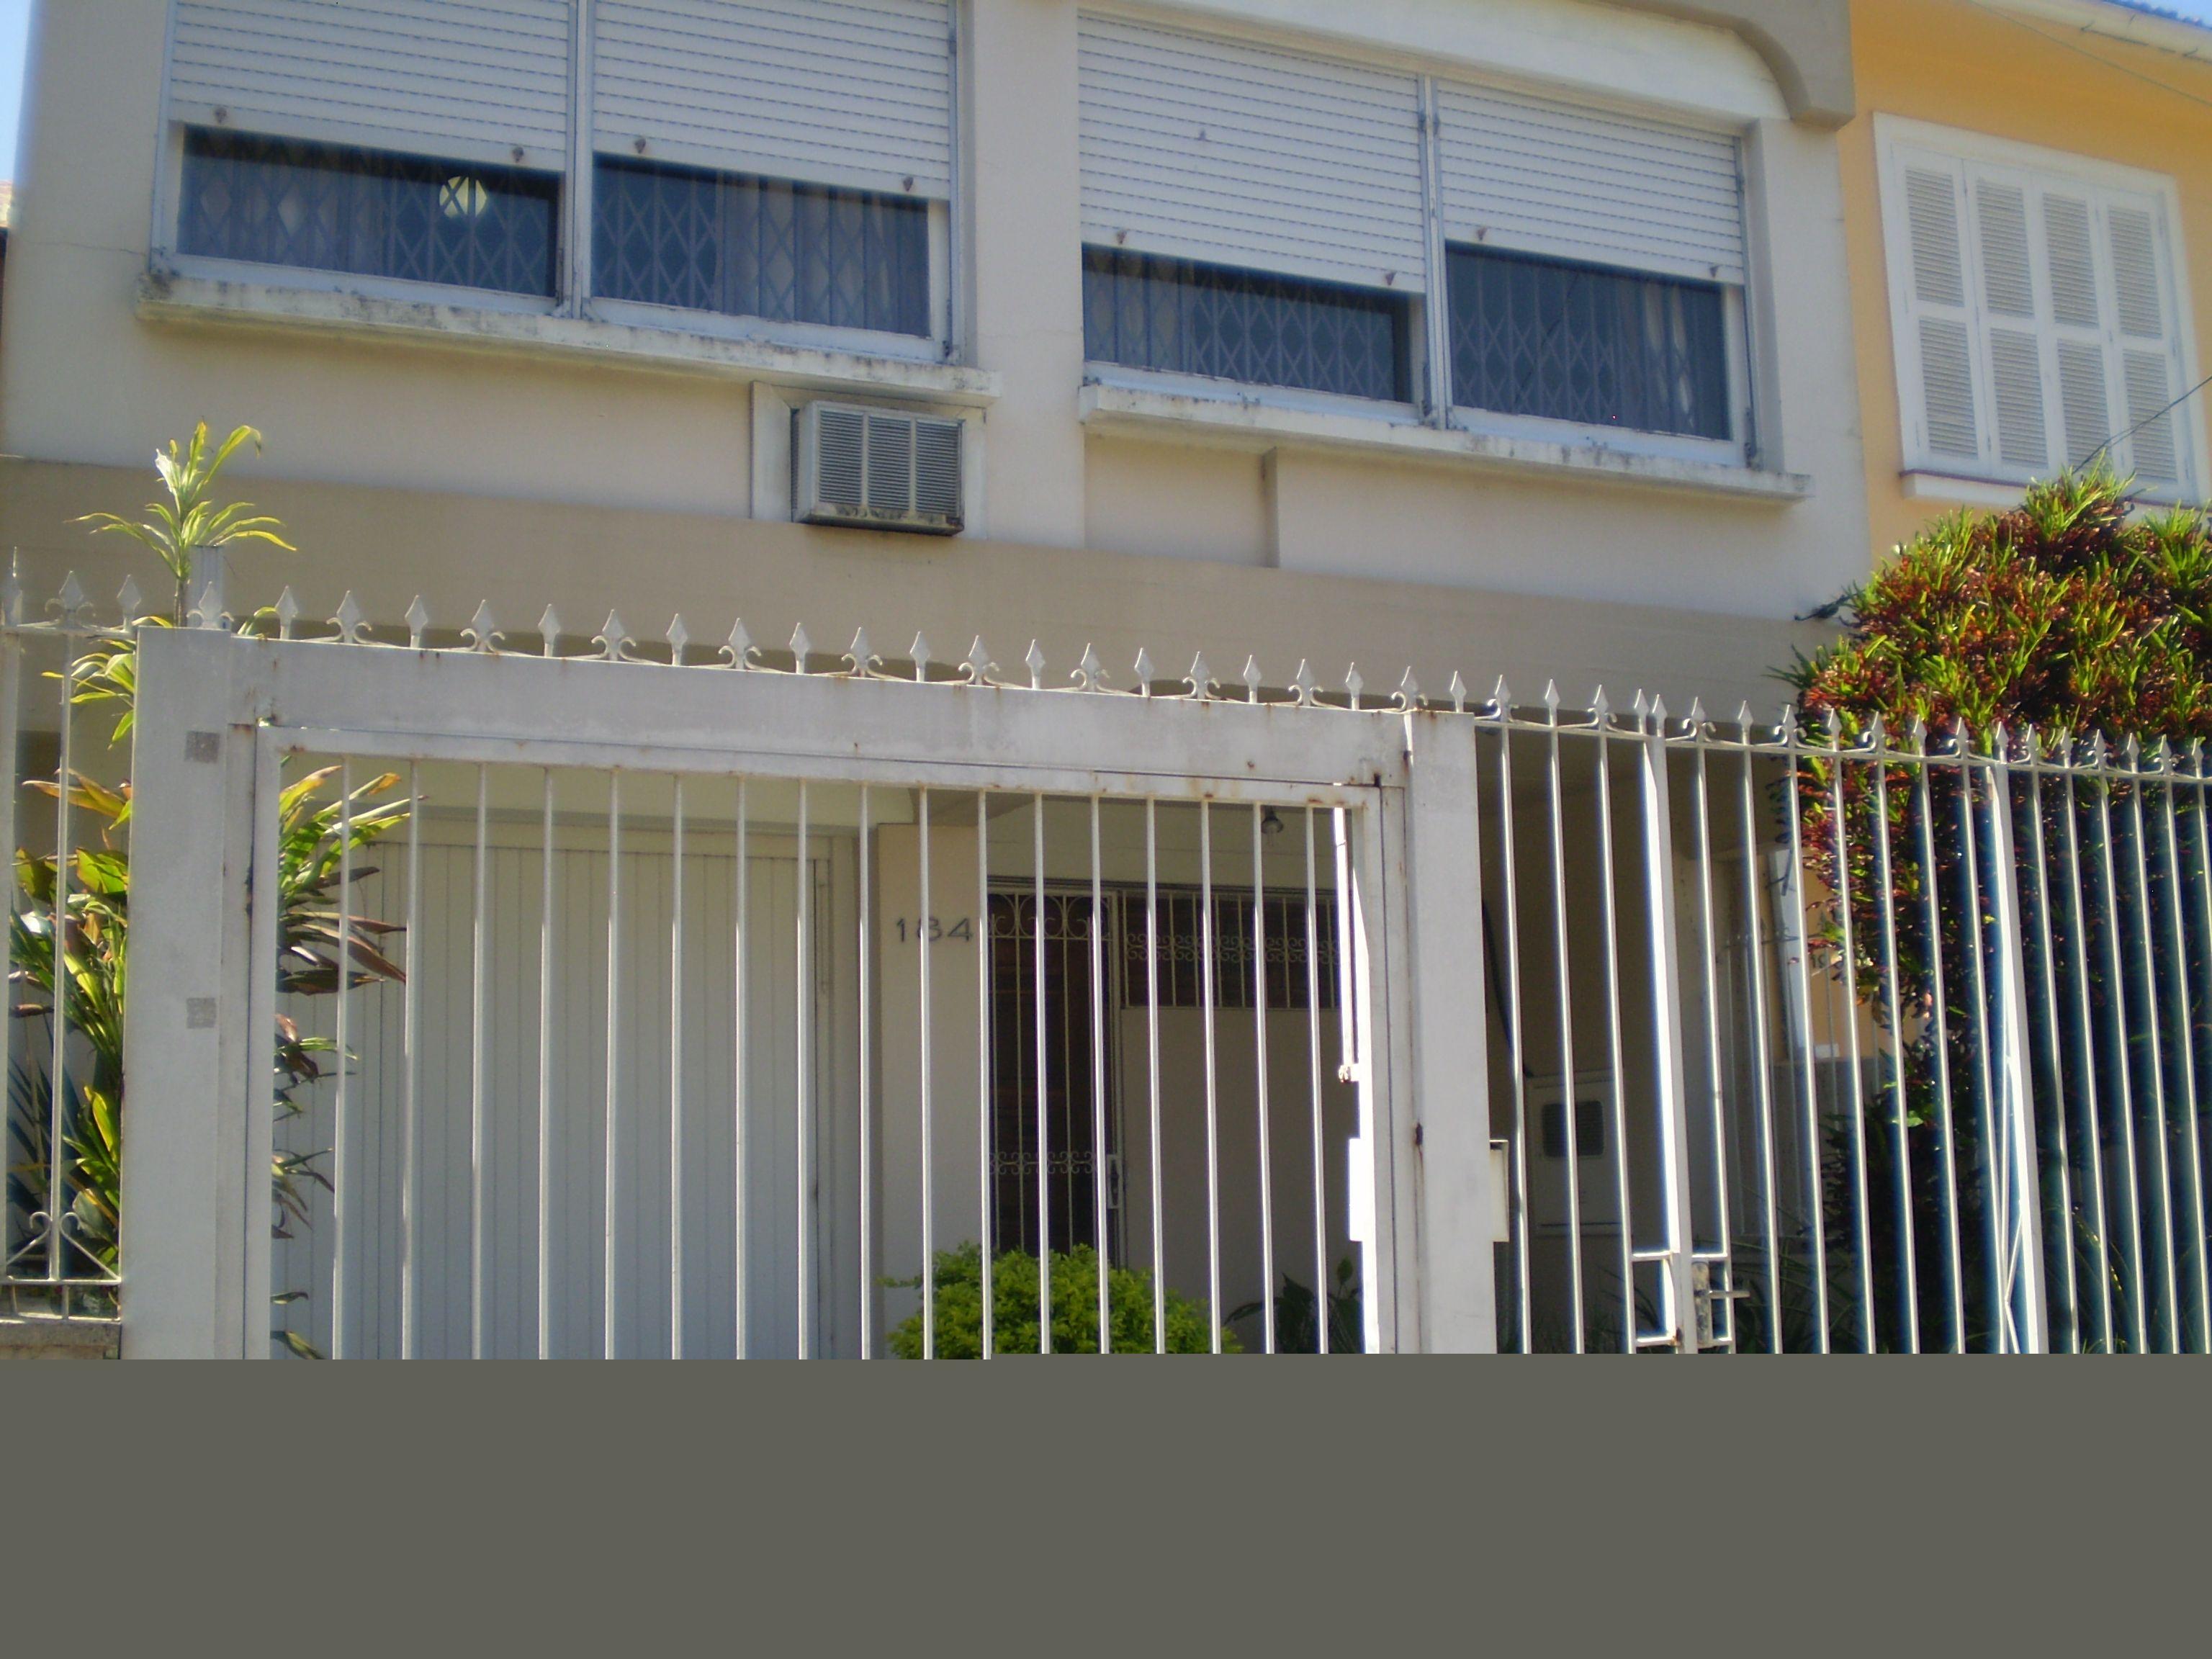 CASA na Rua São Manoel - Rio Branco, Porto Alegre, com 3 DORM C/ 01 SUÍTE E CLOSET, LIVING 02 AMBIENTES, GARAGEM FECHADA PARA 01 CARRO   01 EXTERNA, SALA DE JANTAR, LAVABO, COZINHA MONTADA, DEPENDÊNCIA PARA EMPREGADA    LAVANDERIA, PÁTIO C/ CHURRASQUEIRA.